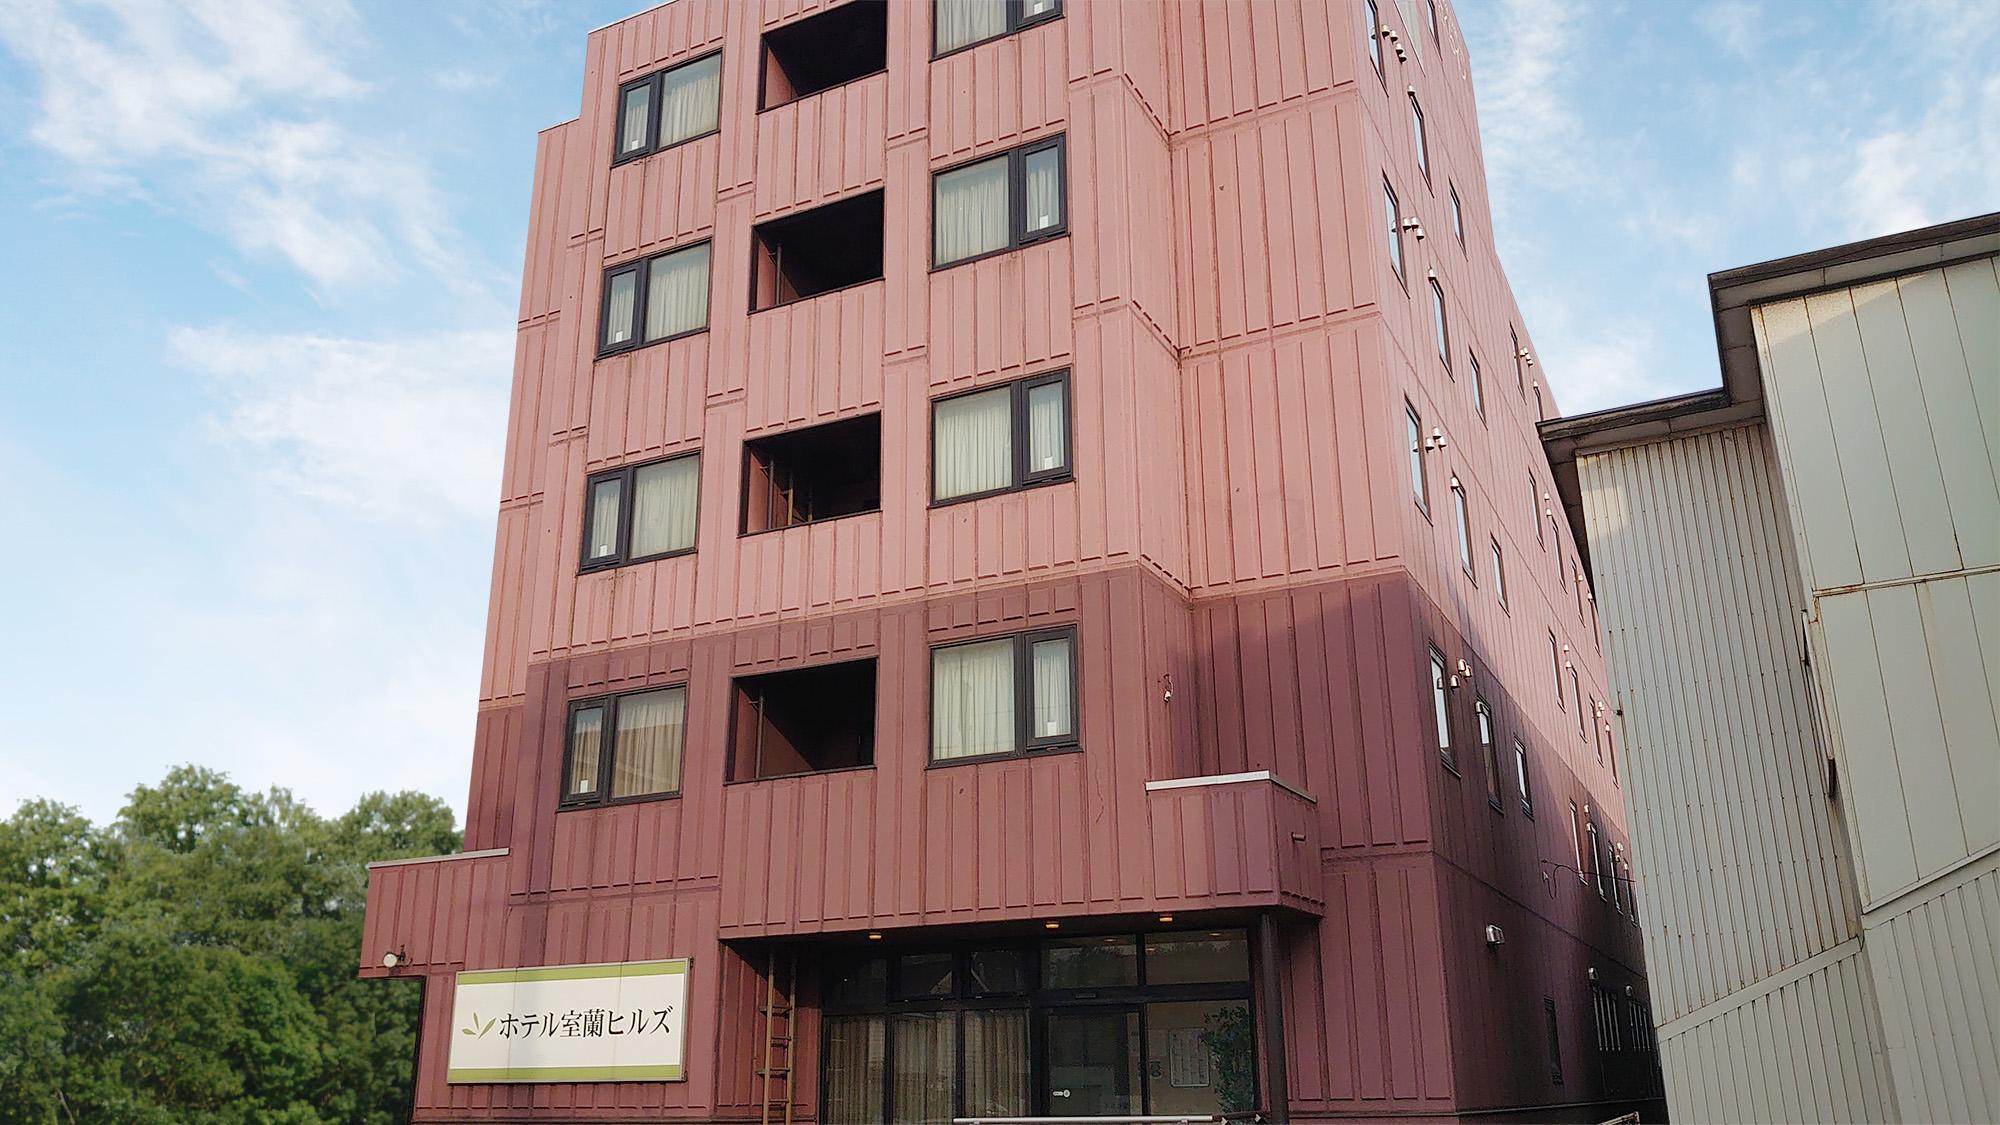 ホテル室蘭ヒルズ(旧:ホテルさくらイン室蘭/BBHホテルグループ)